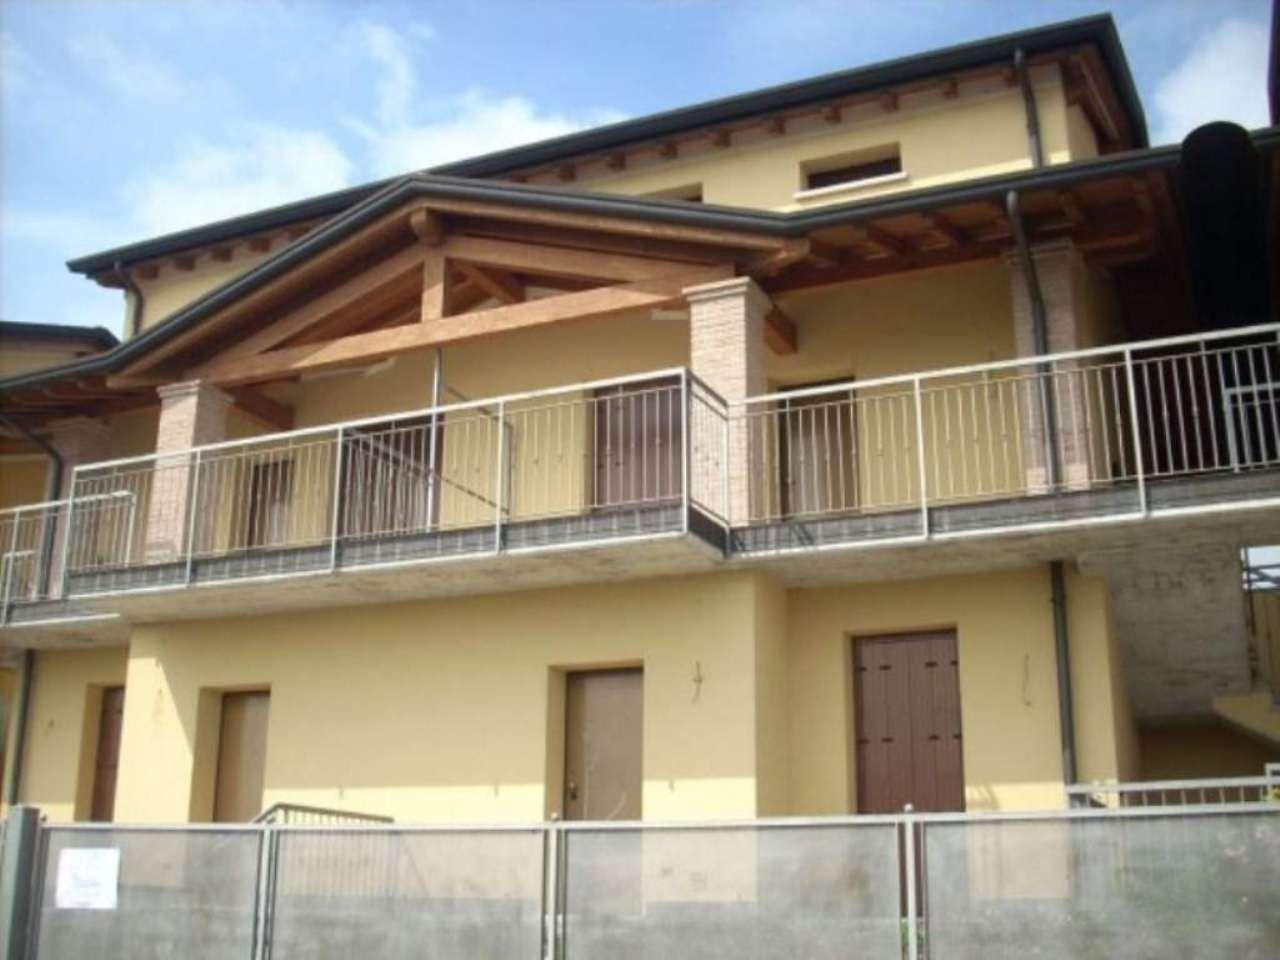 Appartamento in vendita a Fontanella, 3 locali, prezzo € 100.000 | Cambio Casa.it